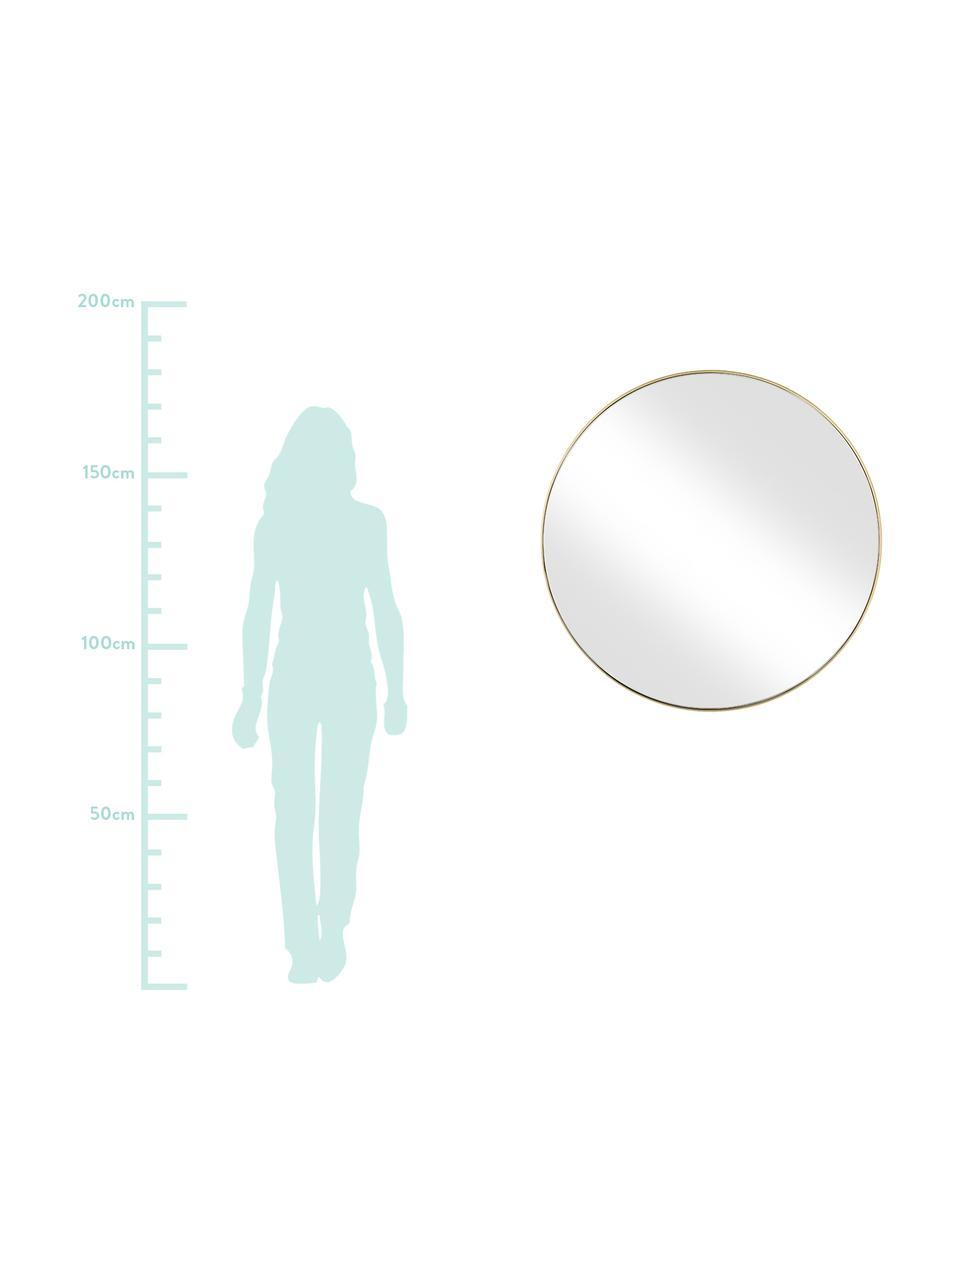 Specchio da parete rotondo con cornice dorata Ada, Cornice: ferro ottonato, Superficie dello specchio: lastra di vetro, Ottone spazzolato, Ø 120 cm